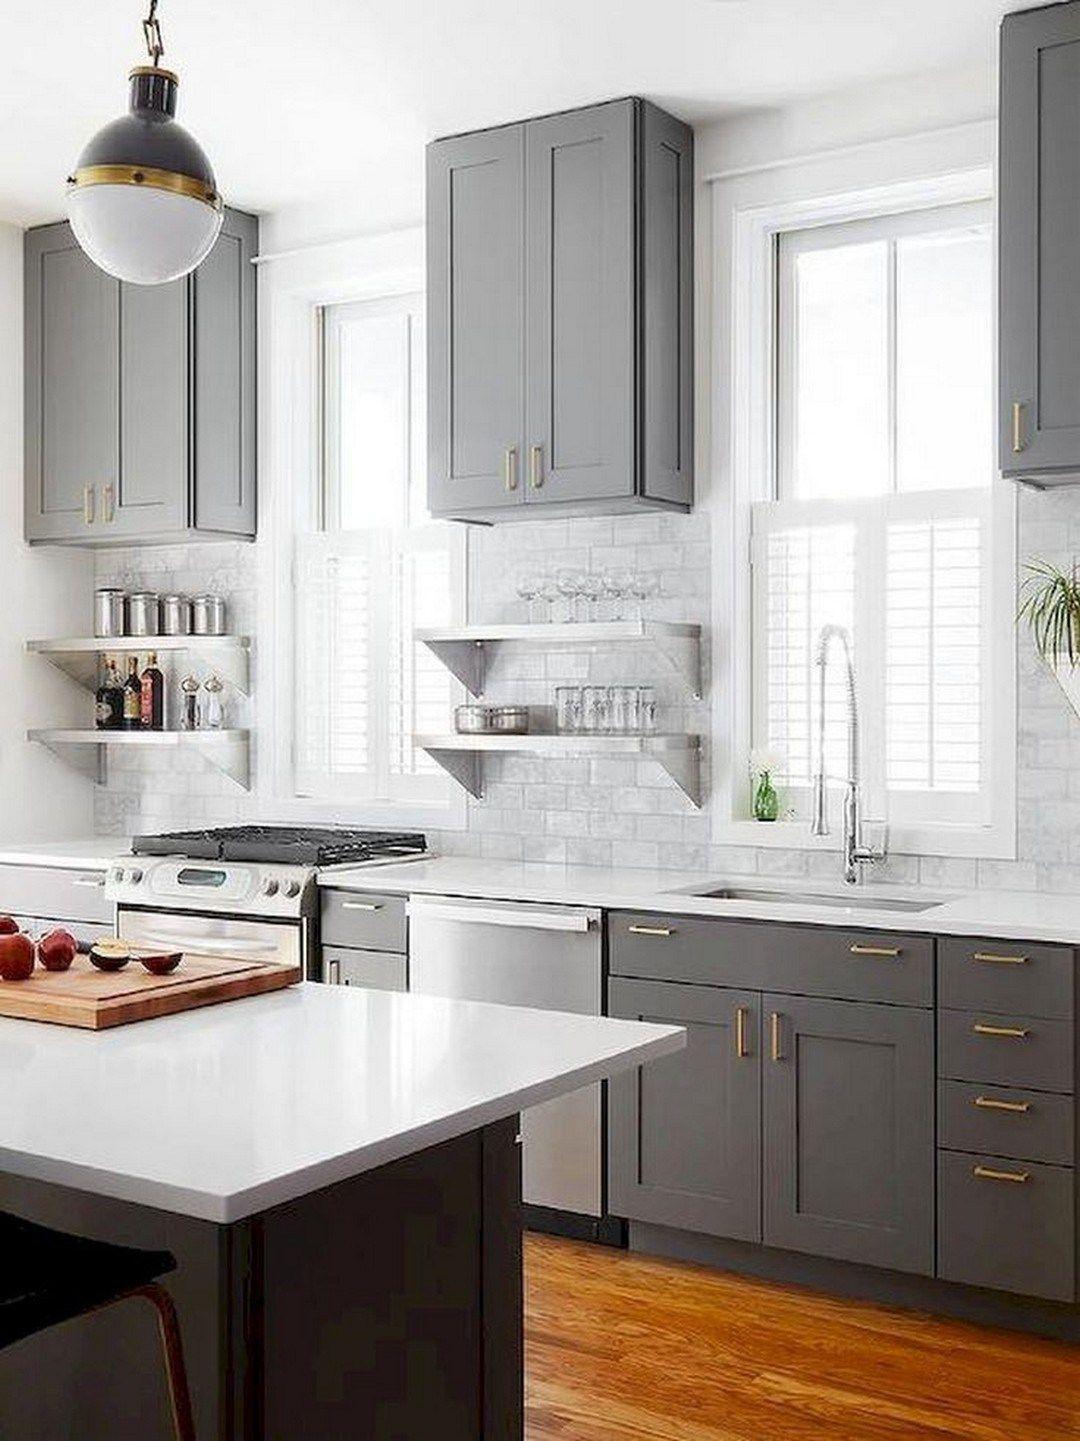 Incredible Farmhouse Grey Kitchen Cabinet Design Ideas 39 Grey Kitchen Cabinets Kitchen Cabinet Design Kitchen Renovation